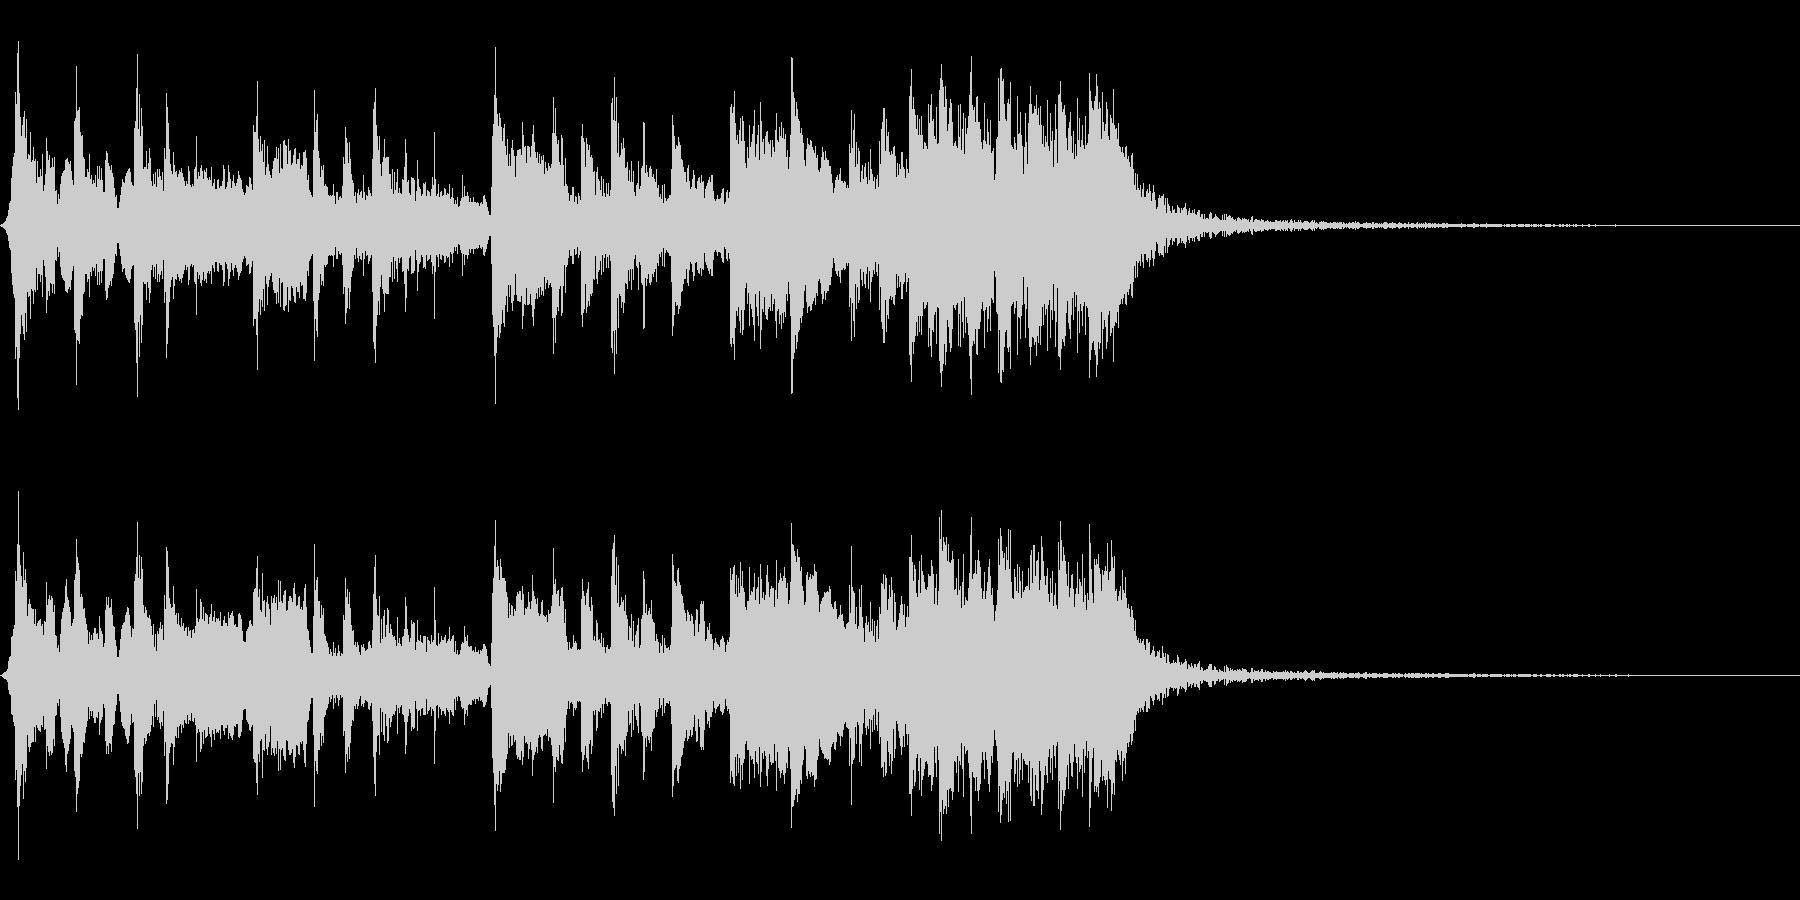 笛と和太鼓・三味線によるお祭り風メロディの未再生の波形